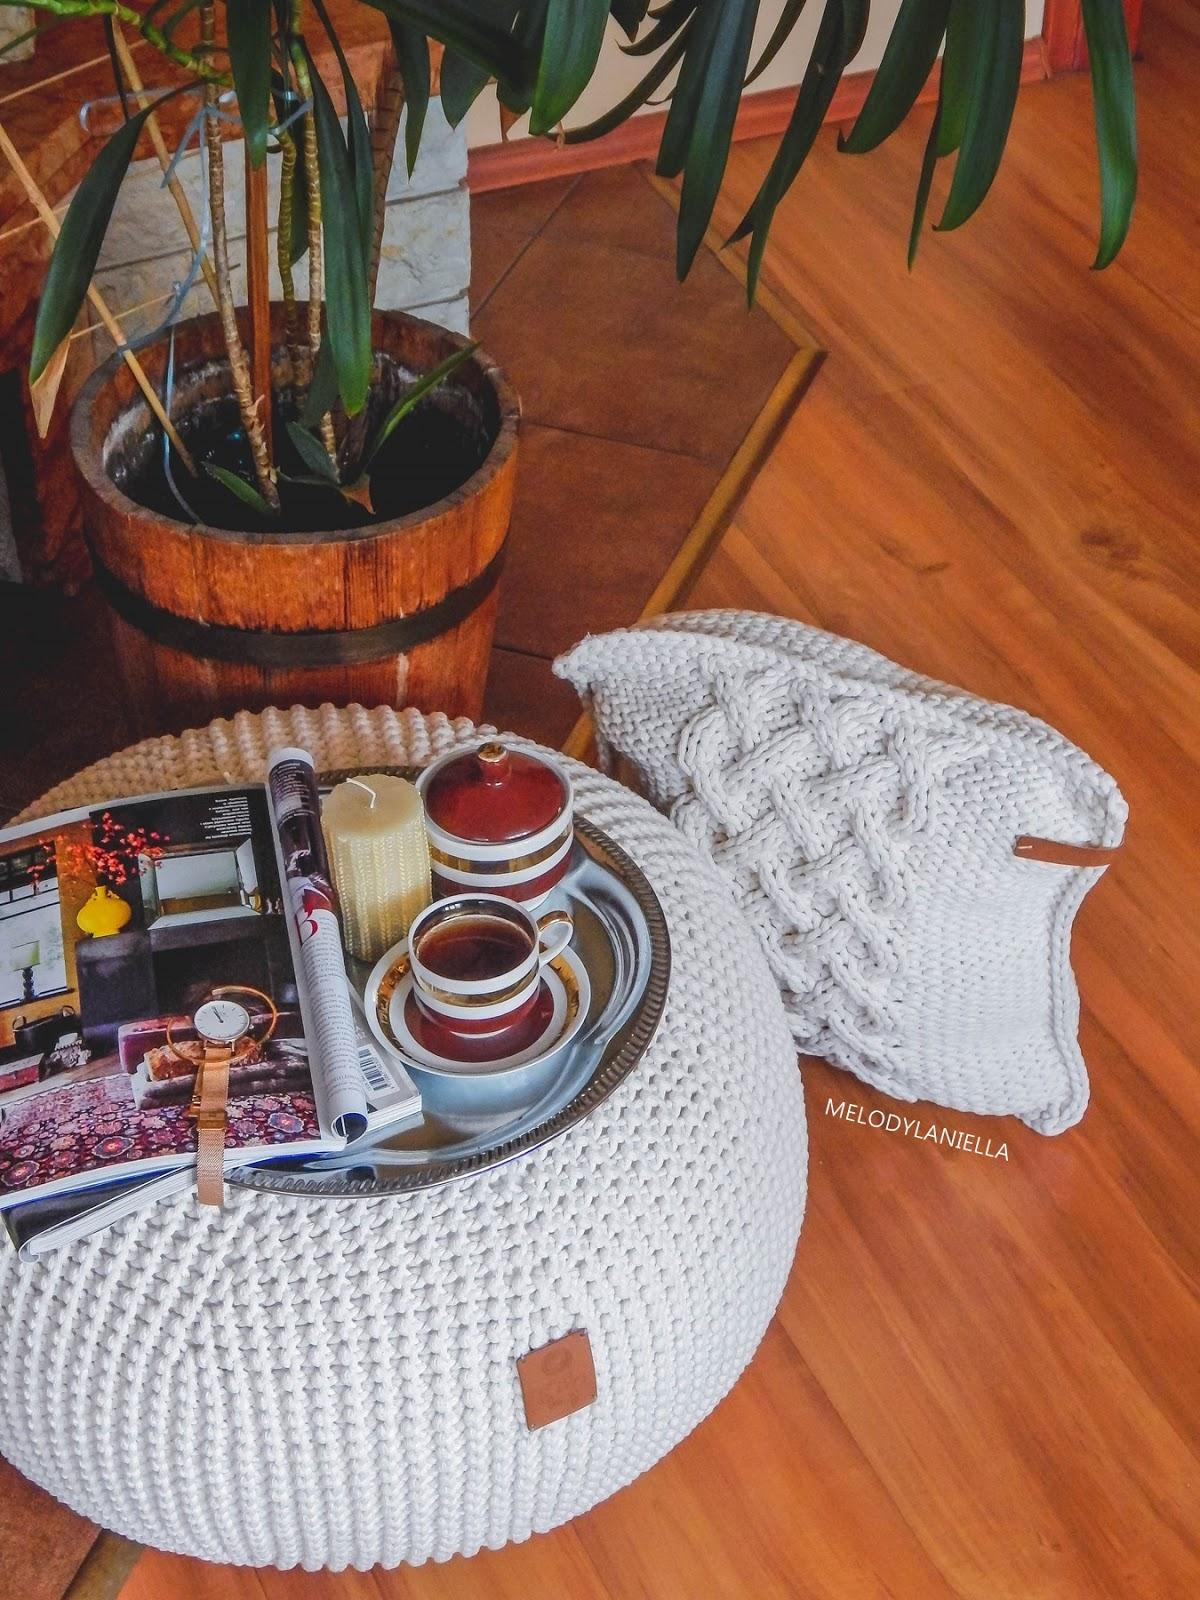 6 filo loop pomysł na biznes iwona trocka pufy poduszki warsztaty handmade robienia na drutach pledy koce shoper bag ze sznurka pomysł na prezent wystrój wnętrz design dodatki do mieszkań i domów handmade